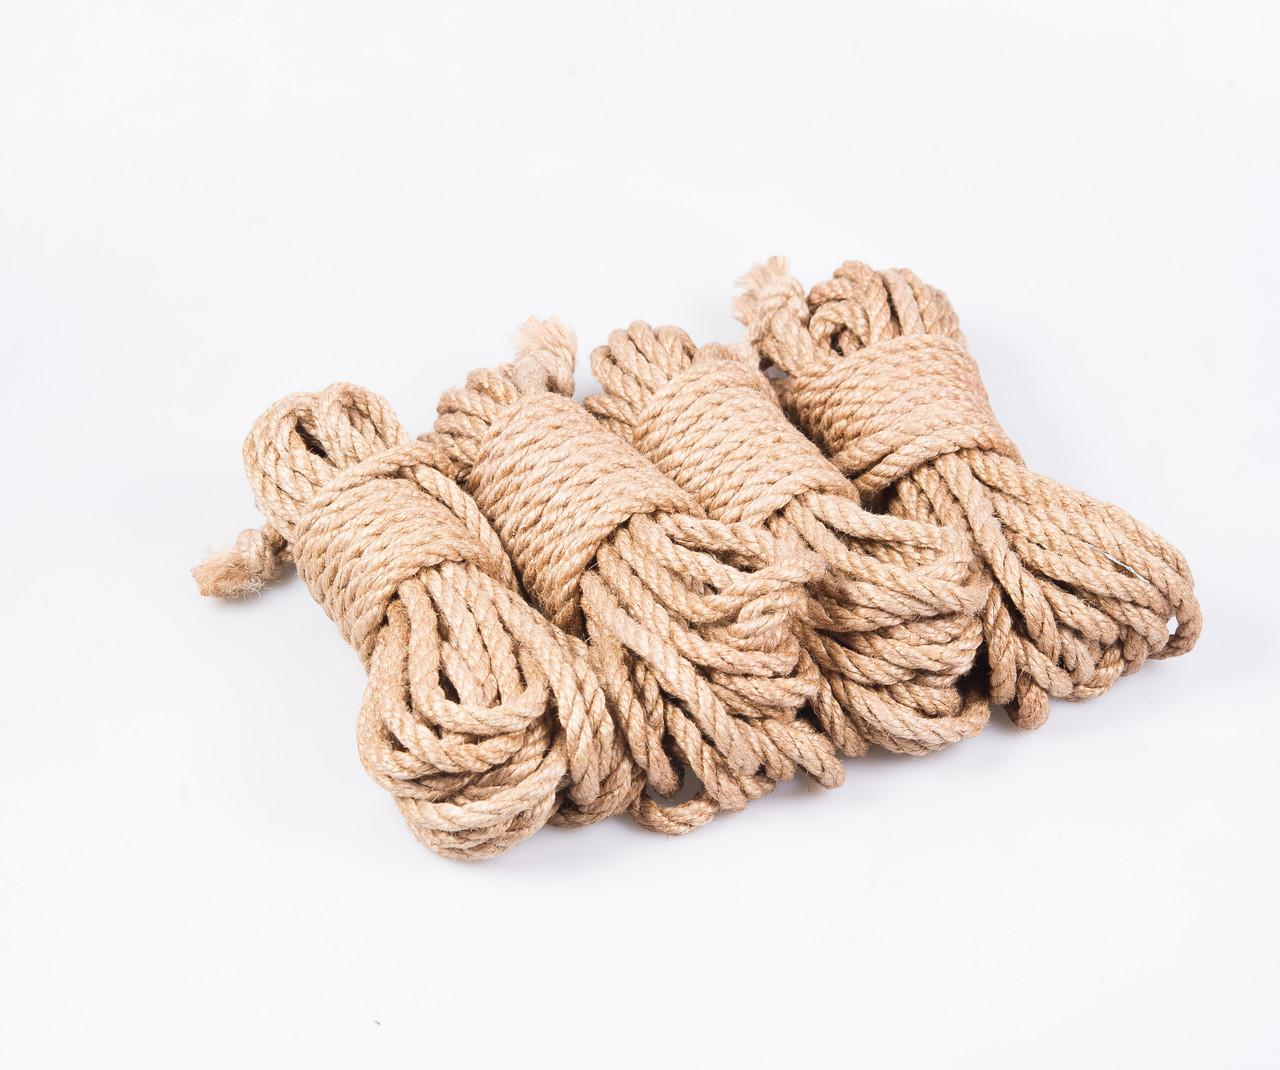 Набор веревок для шибари 4х8м. 6мм, БДСМ набор, джут.натуральная